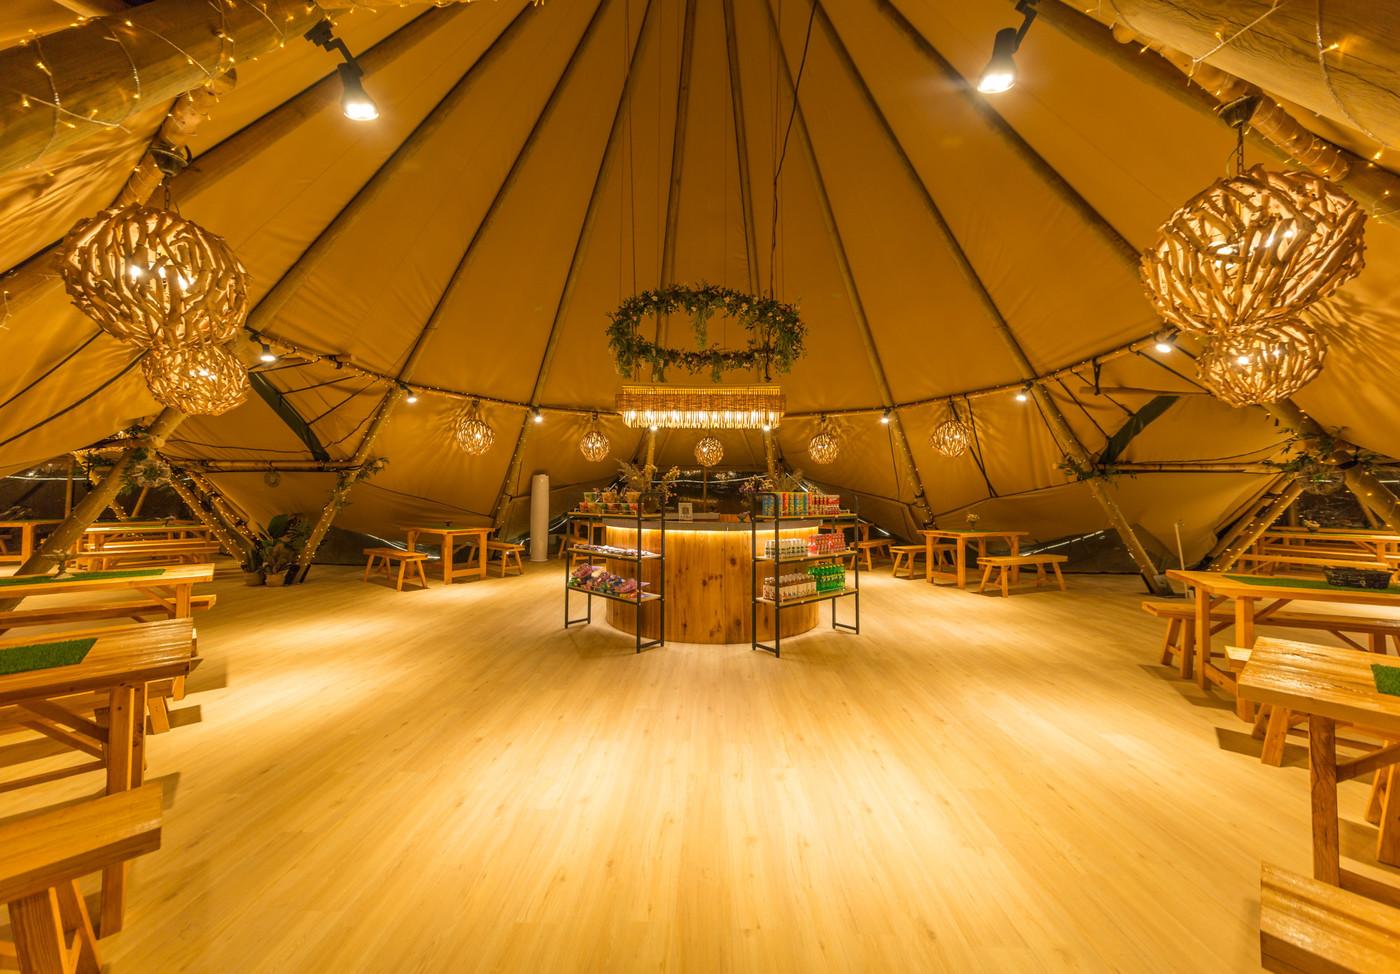 喜马拉雅印第安多功能大厅—淮安白马湖生态旅游度假区41